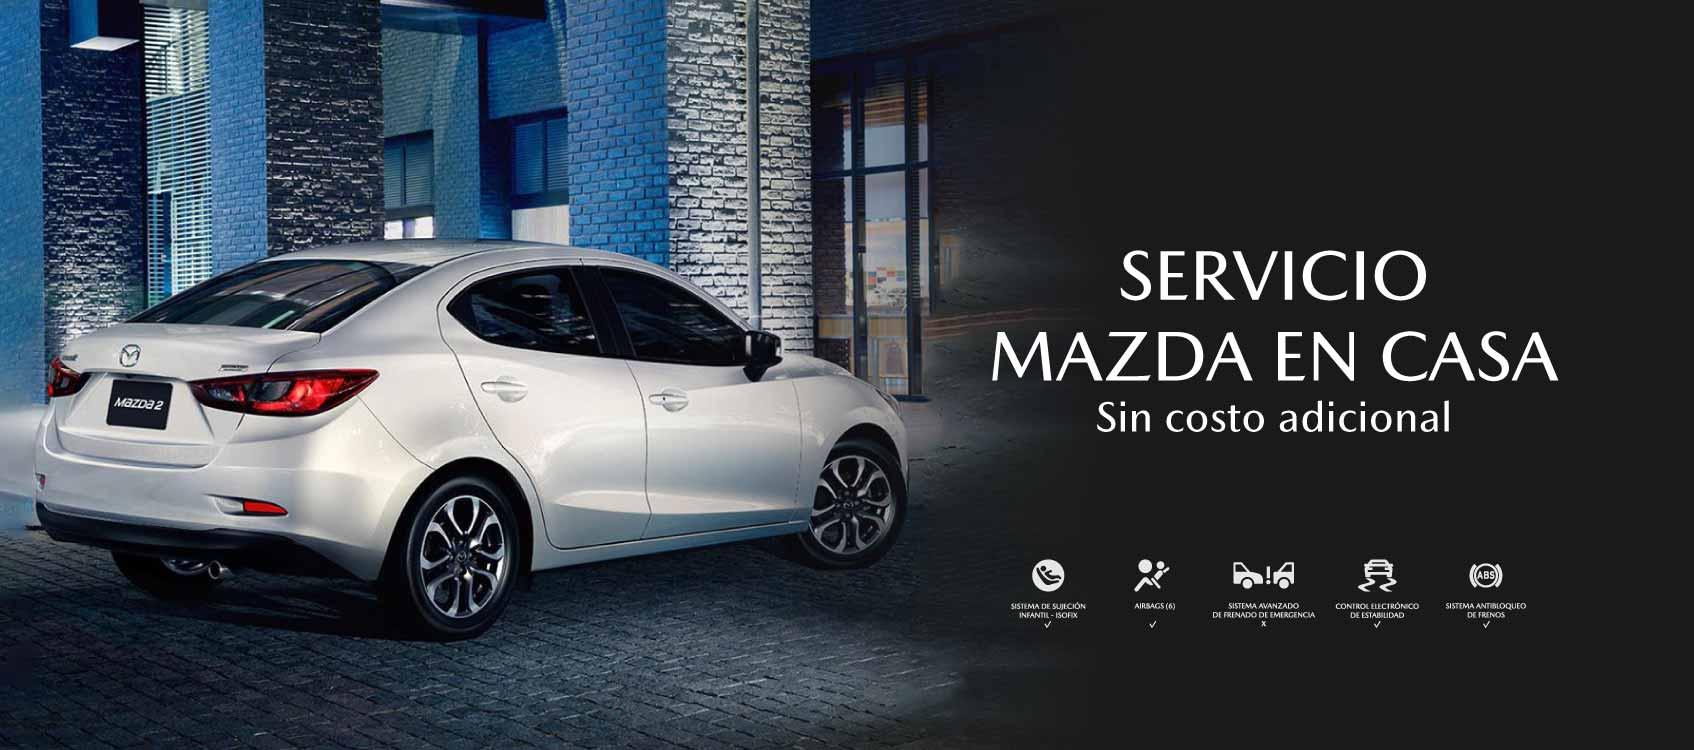 Mazda Vardí en casa